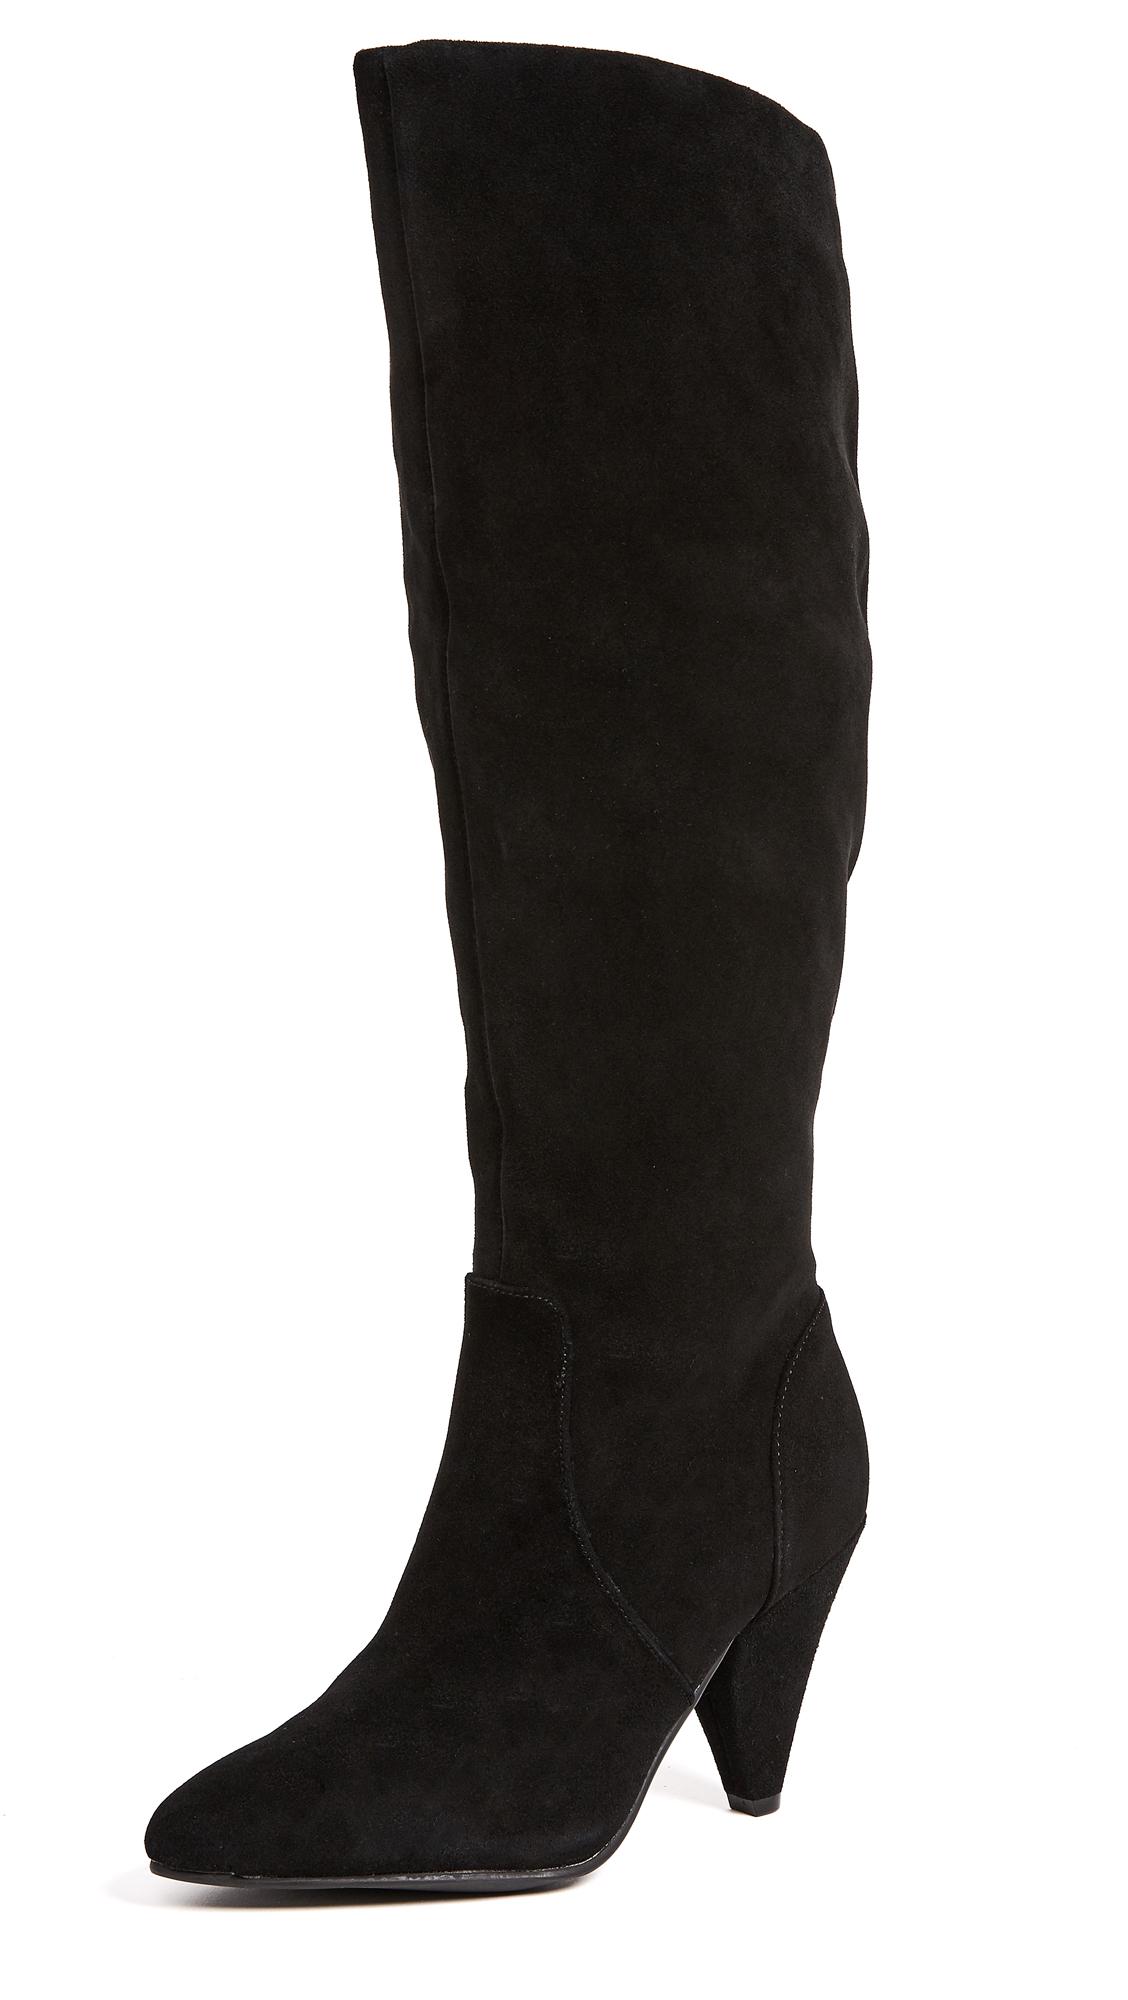 Steven Vergil Slouch Boots - Black